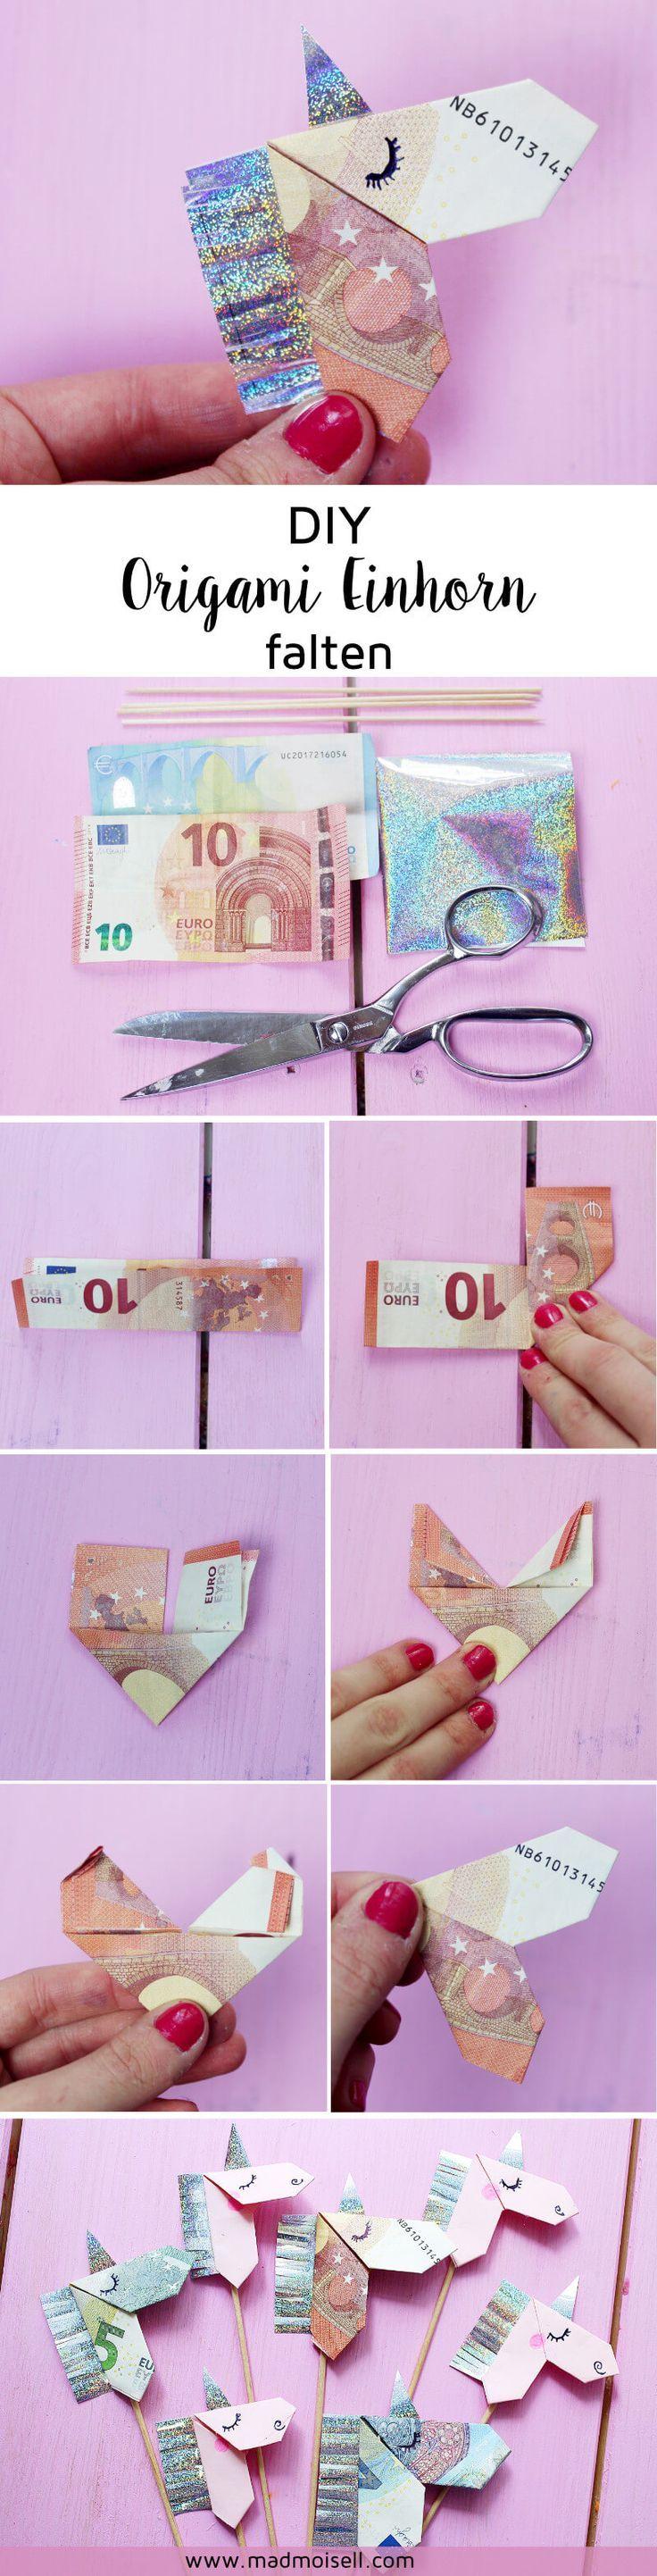 Geldscheine kreativ zum Origami Einhorn falten – DIY Anleitung